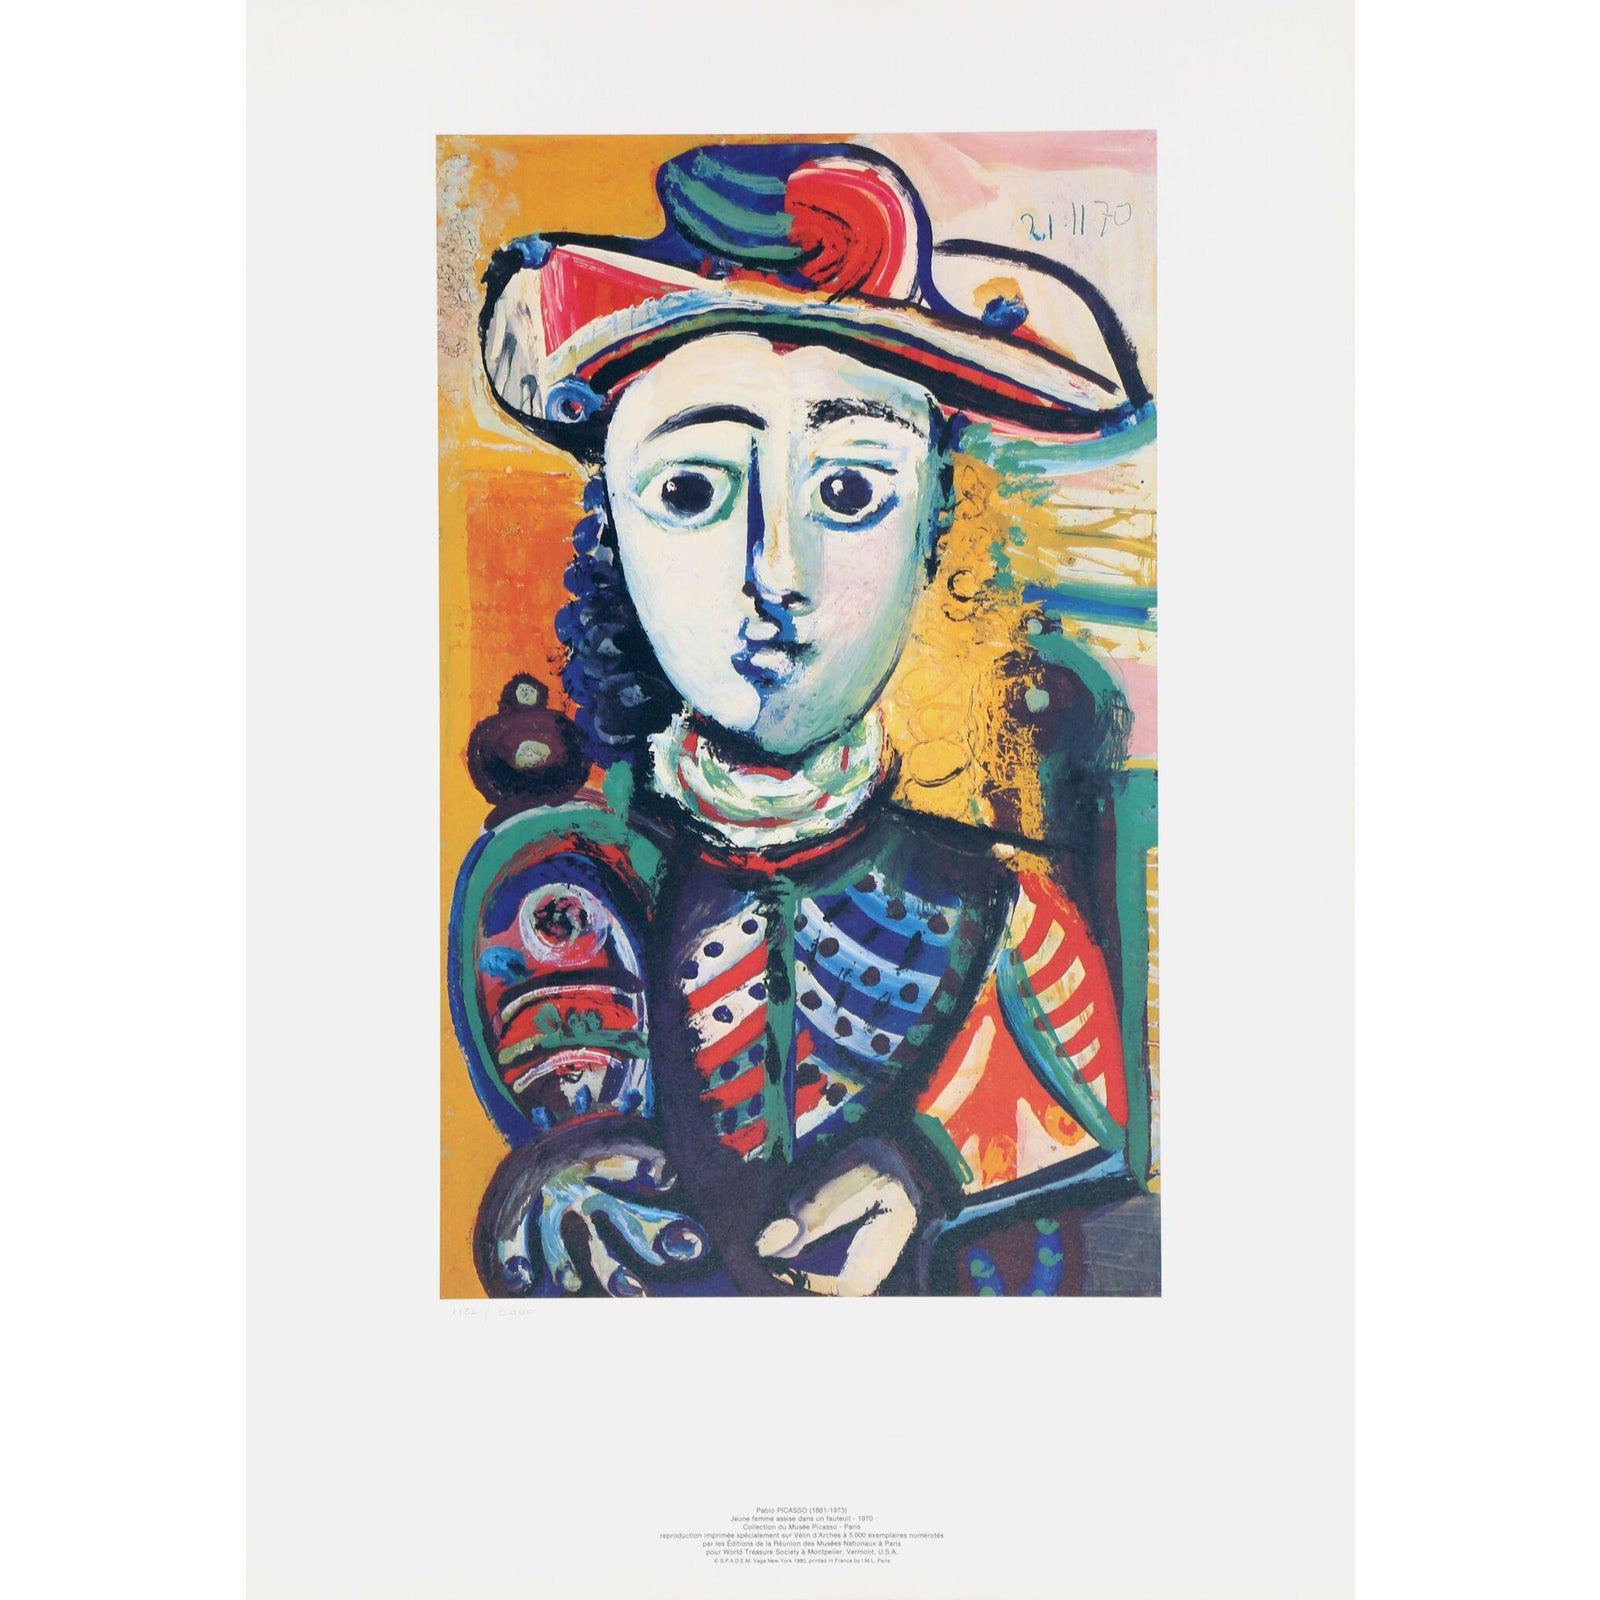 Pablo Picasso Quot Jeuene Femme Assise Dans Un Fauteuil Quot Lithograph Chairish